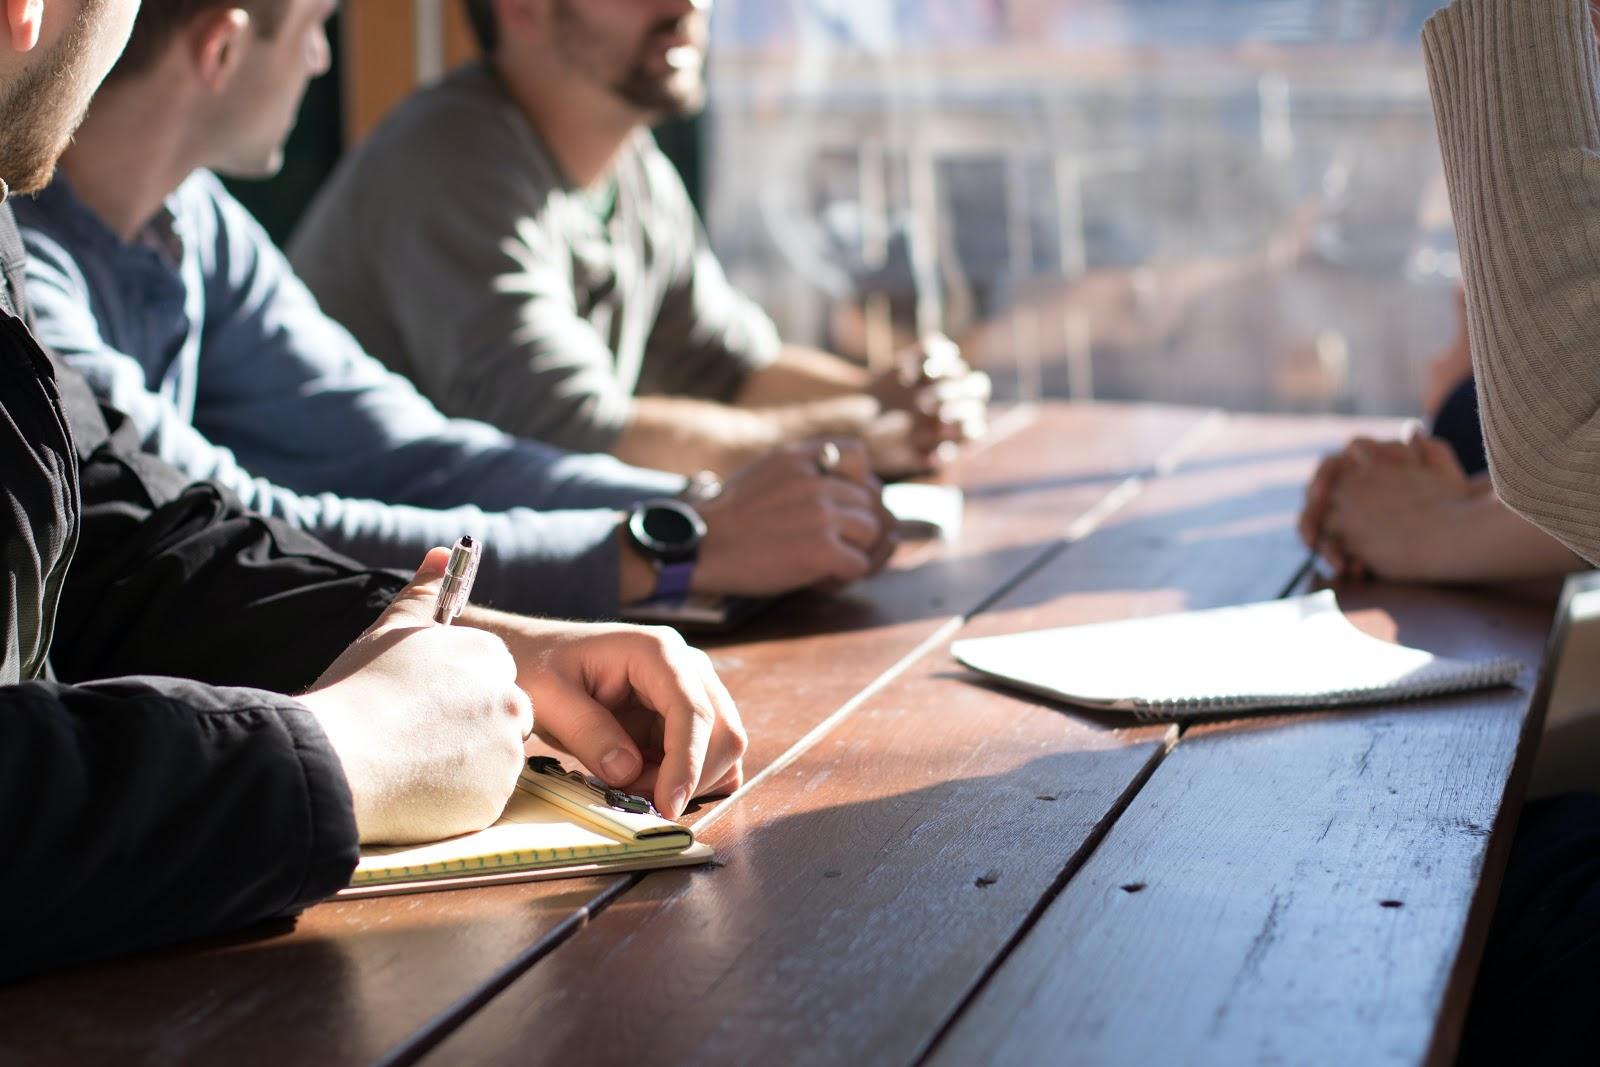 Uma mão escrevendo em uma agenda junto de outras pessoas na mesa.